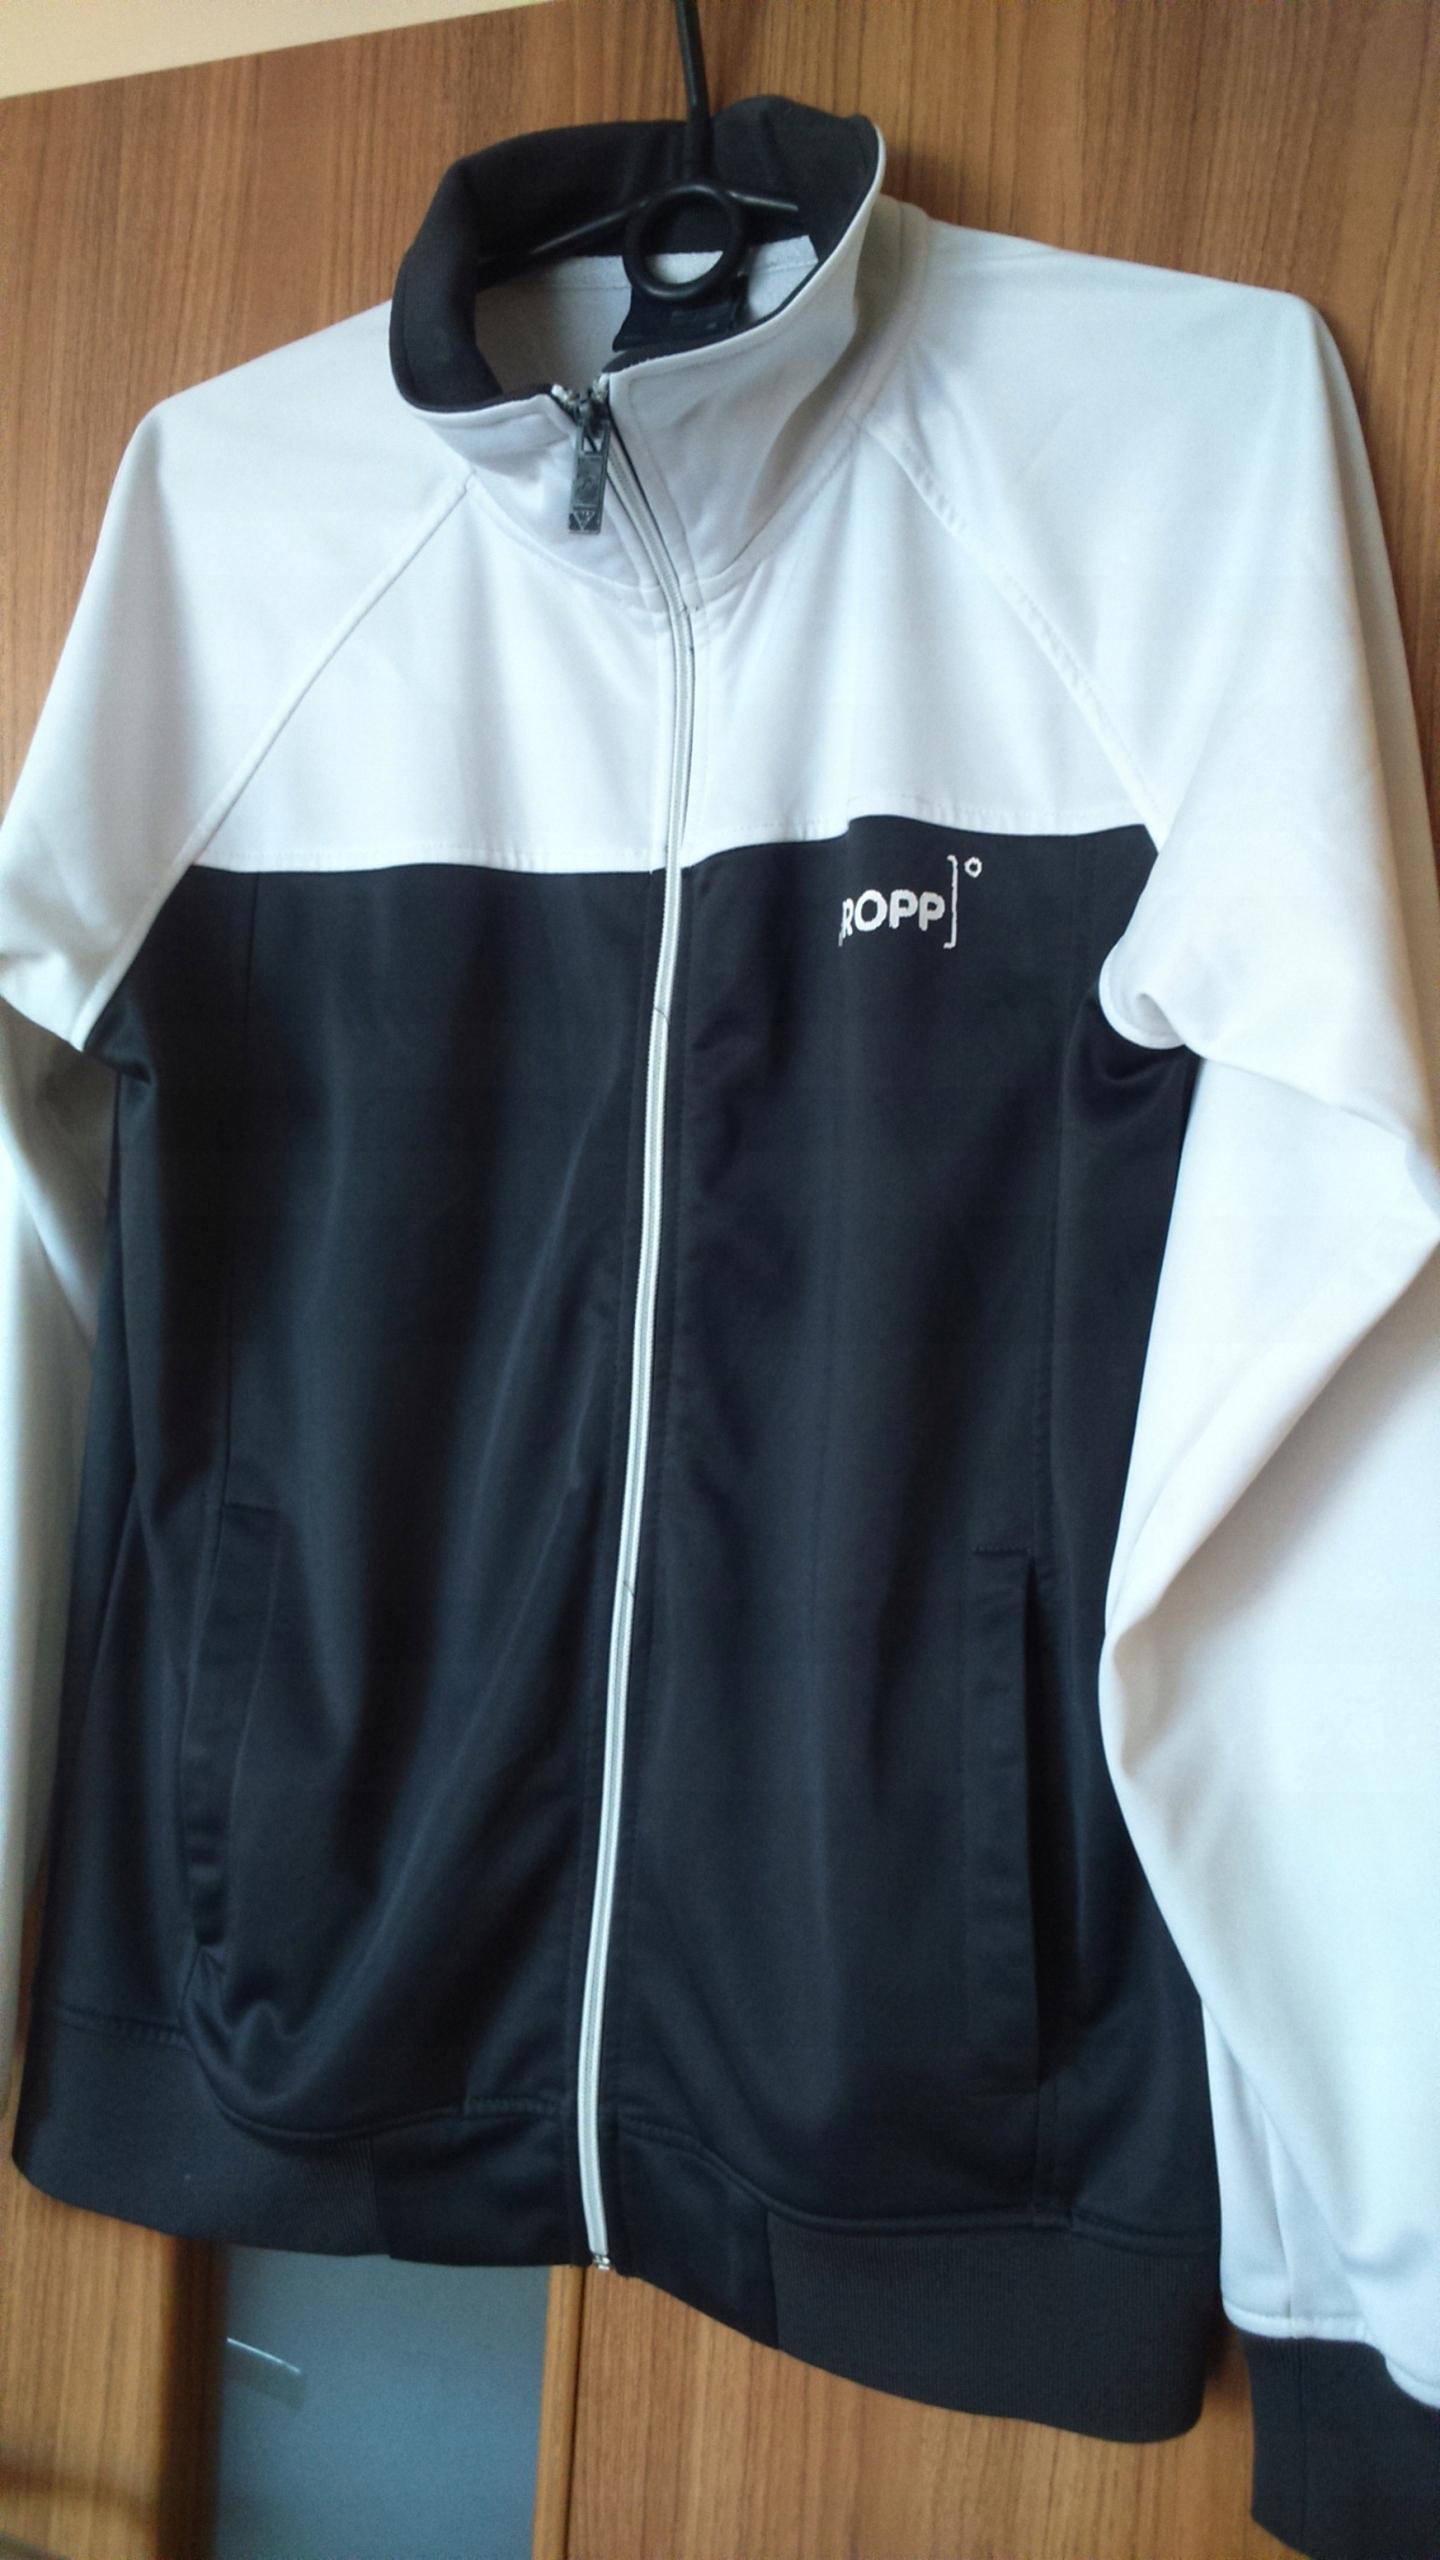 CROPP bluza kurtka na suwak r. ML 7558646244 oficjalne